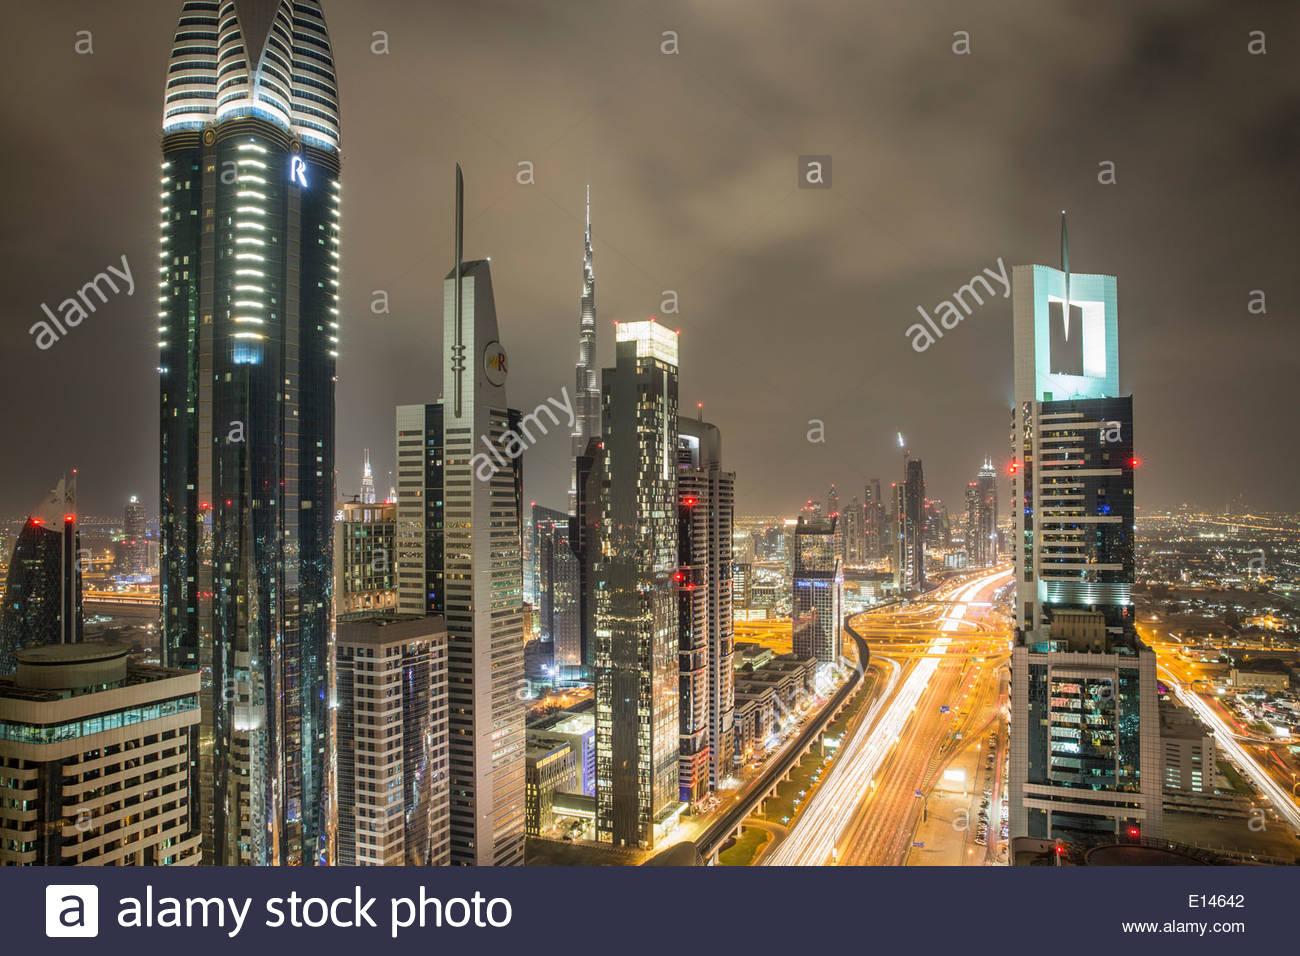 Vereinigte Arabische Emirate, Dubai, Sheikh Zayed Road kreuzt die finanzielle Innenstadt mit Burj Khalifa, Nacht Stockbild